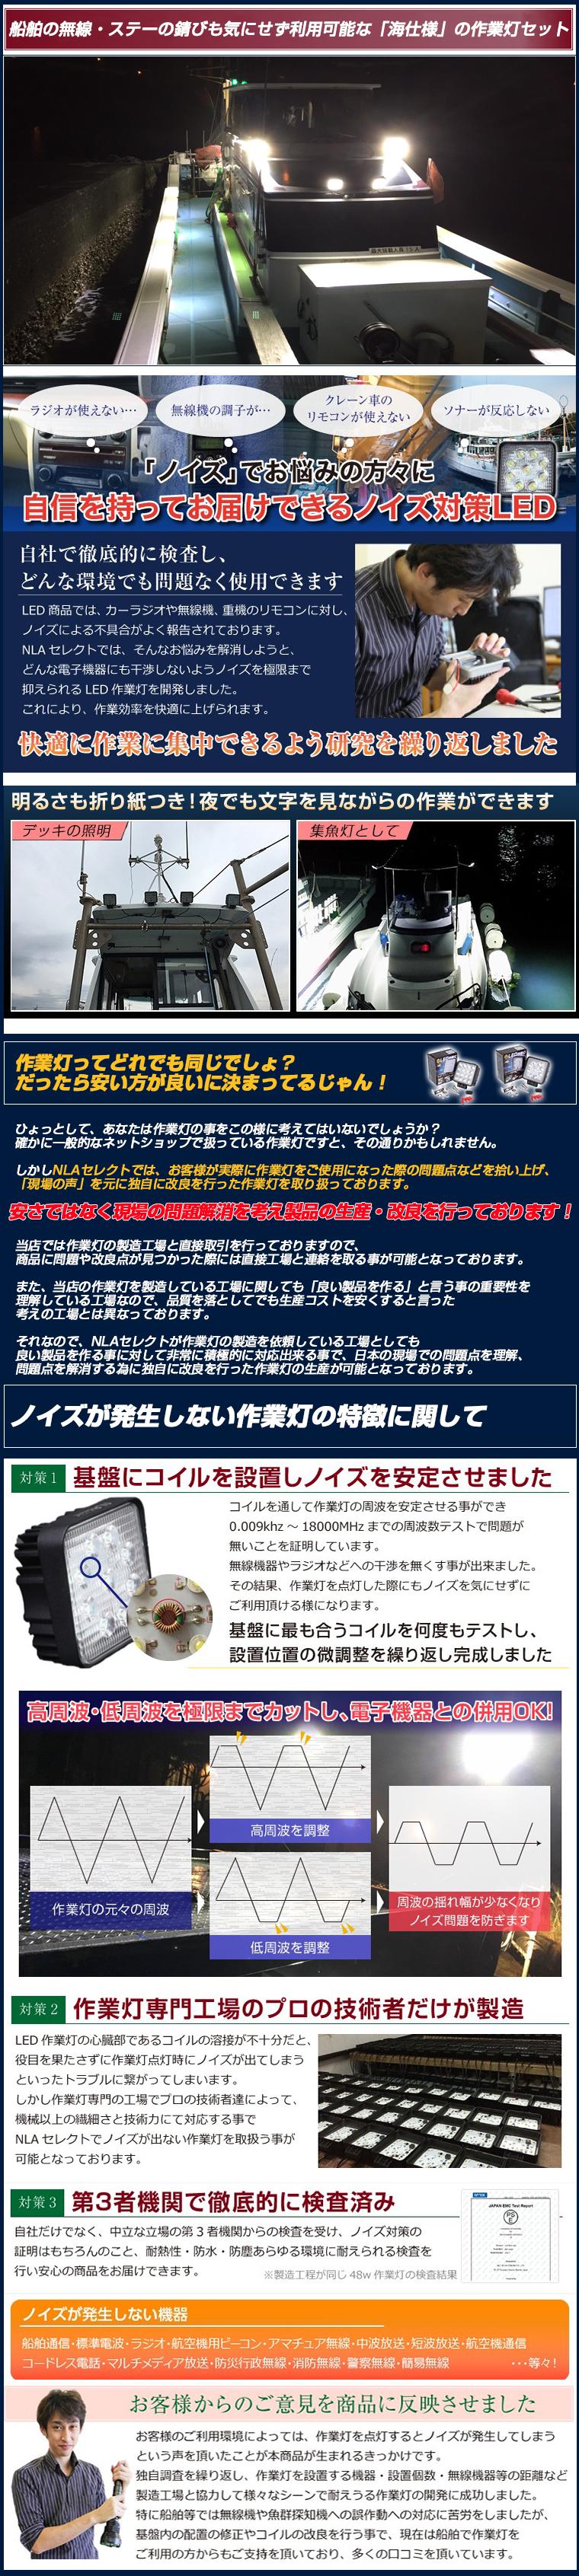 48w海仕様作業灯・商品説明1